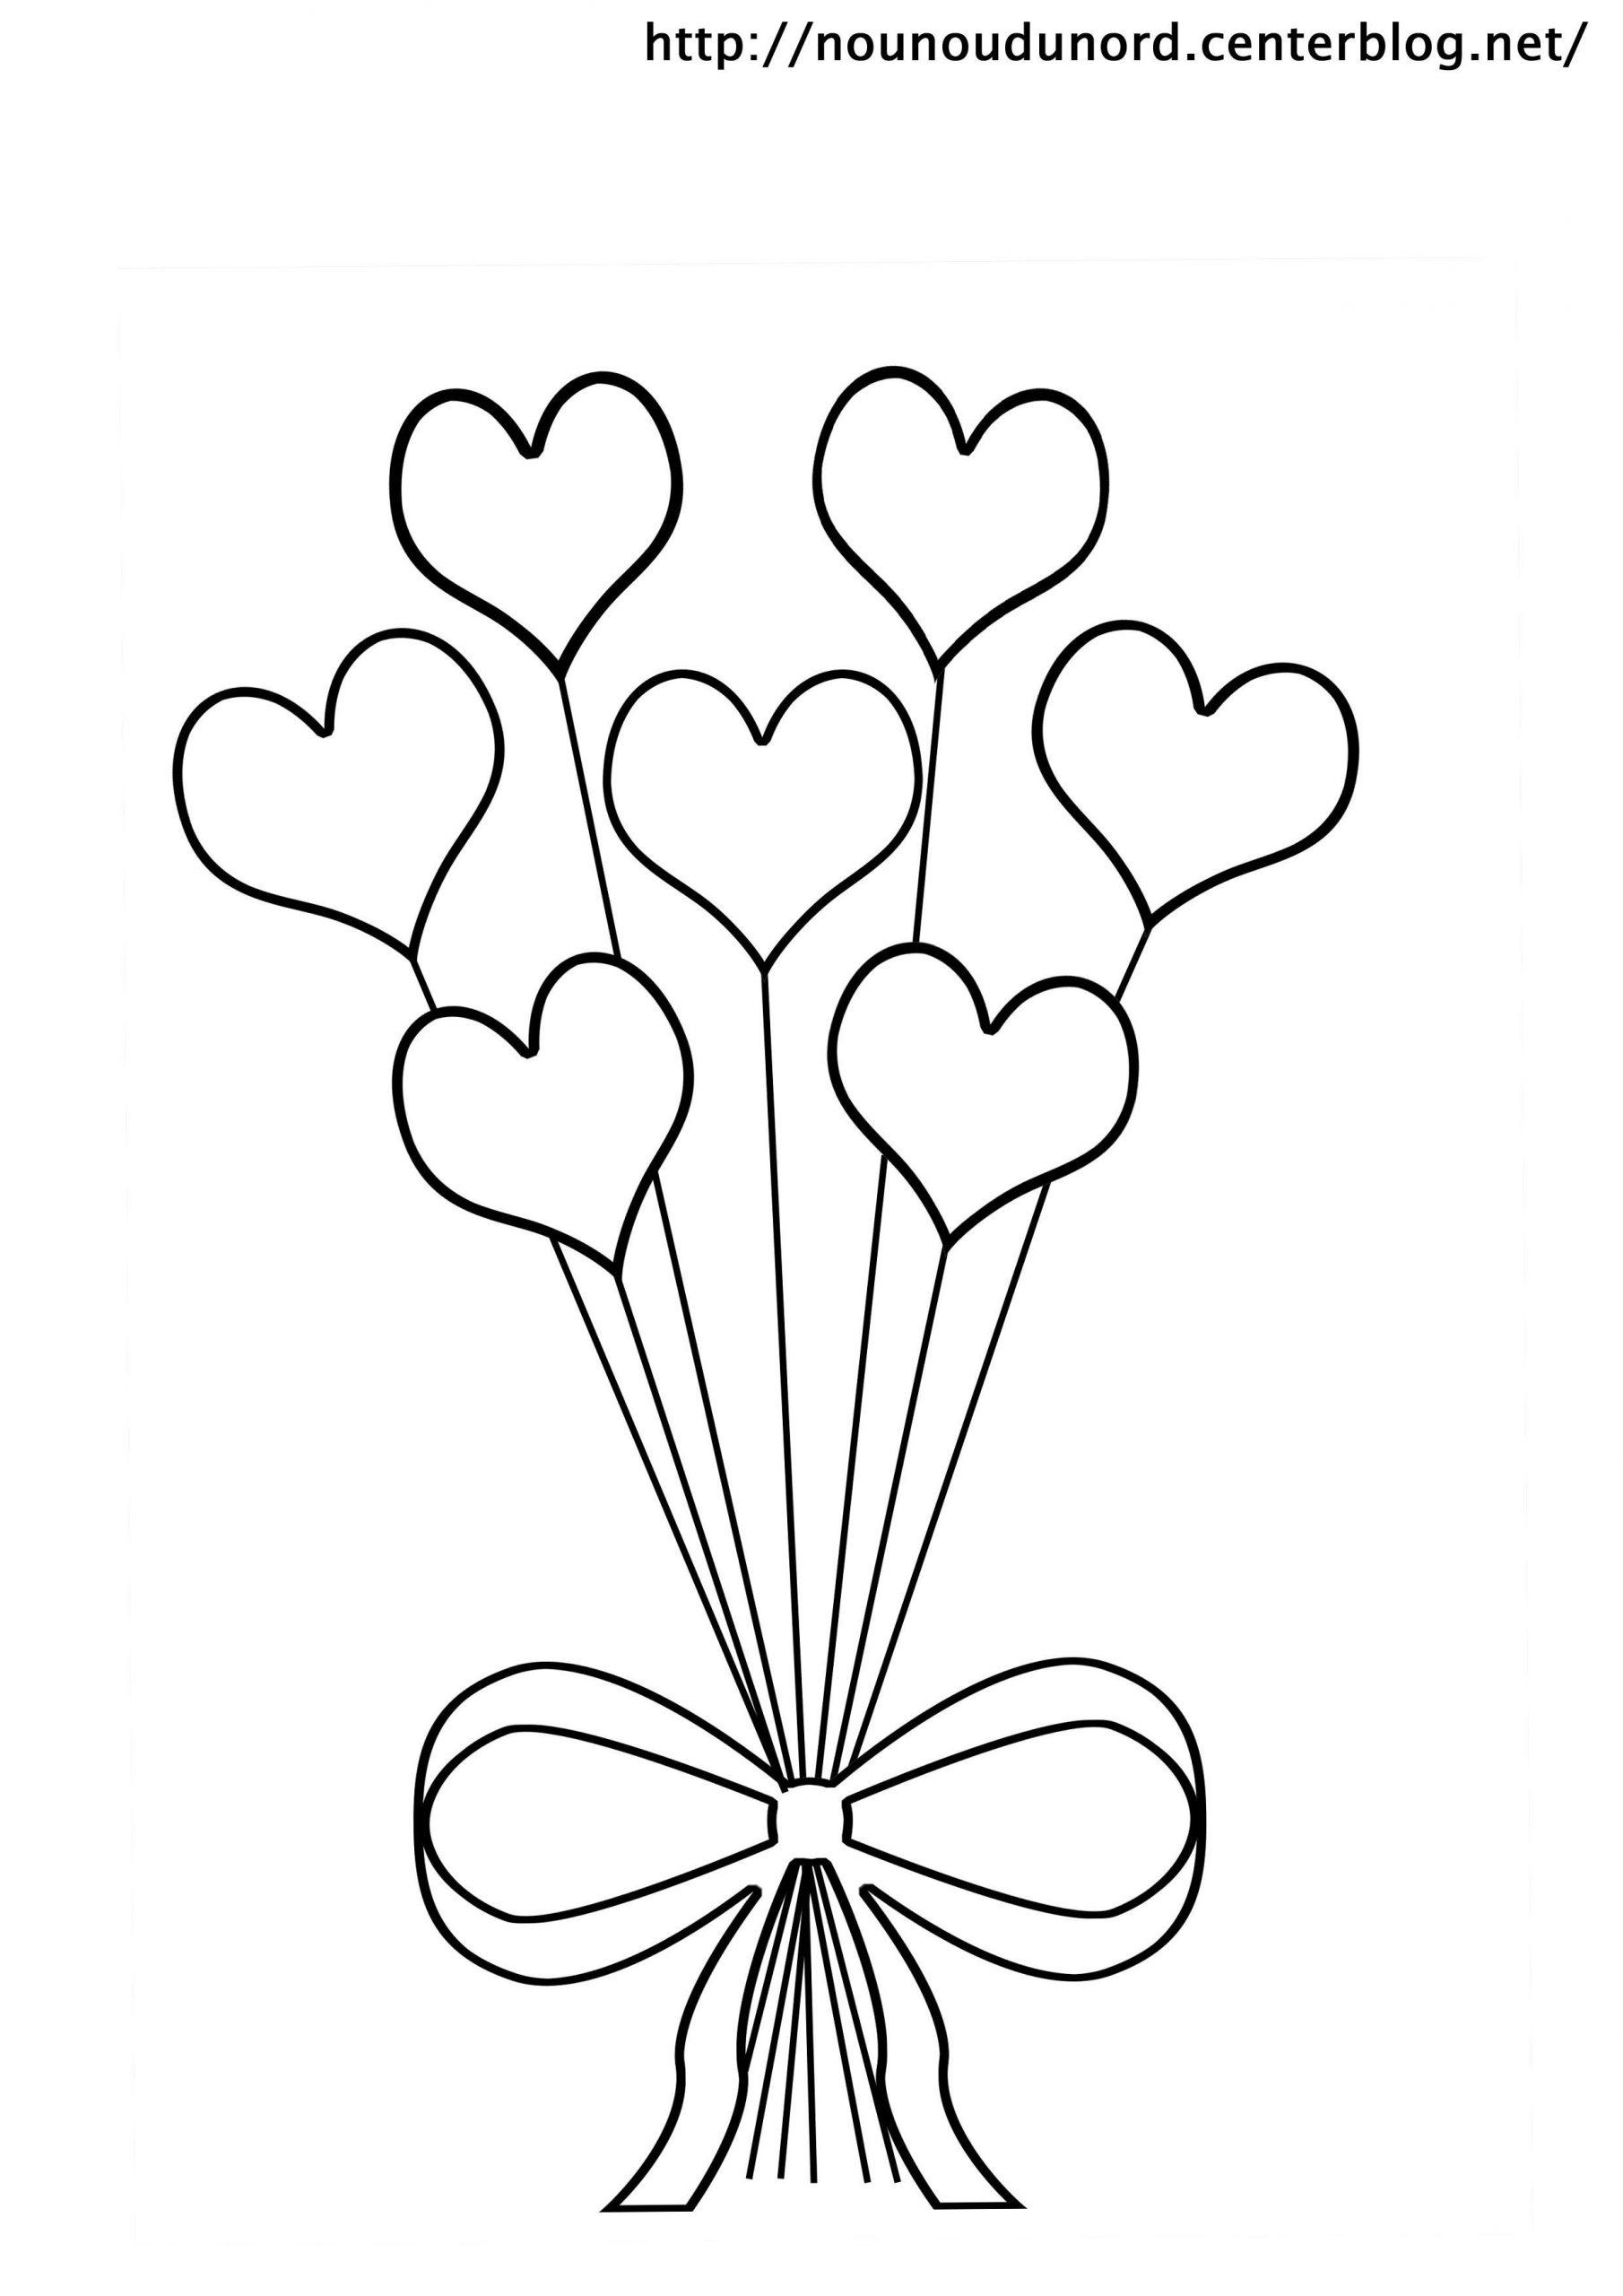 Coloriage Coeurs St Valentin concernant Dessin Pour La Saint Valentin